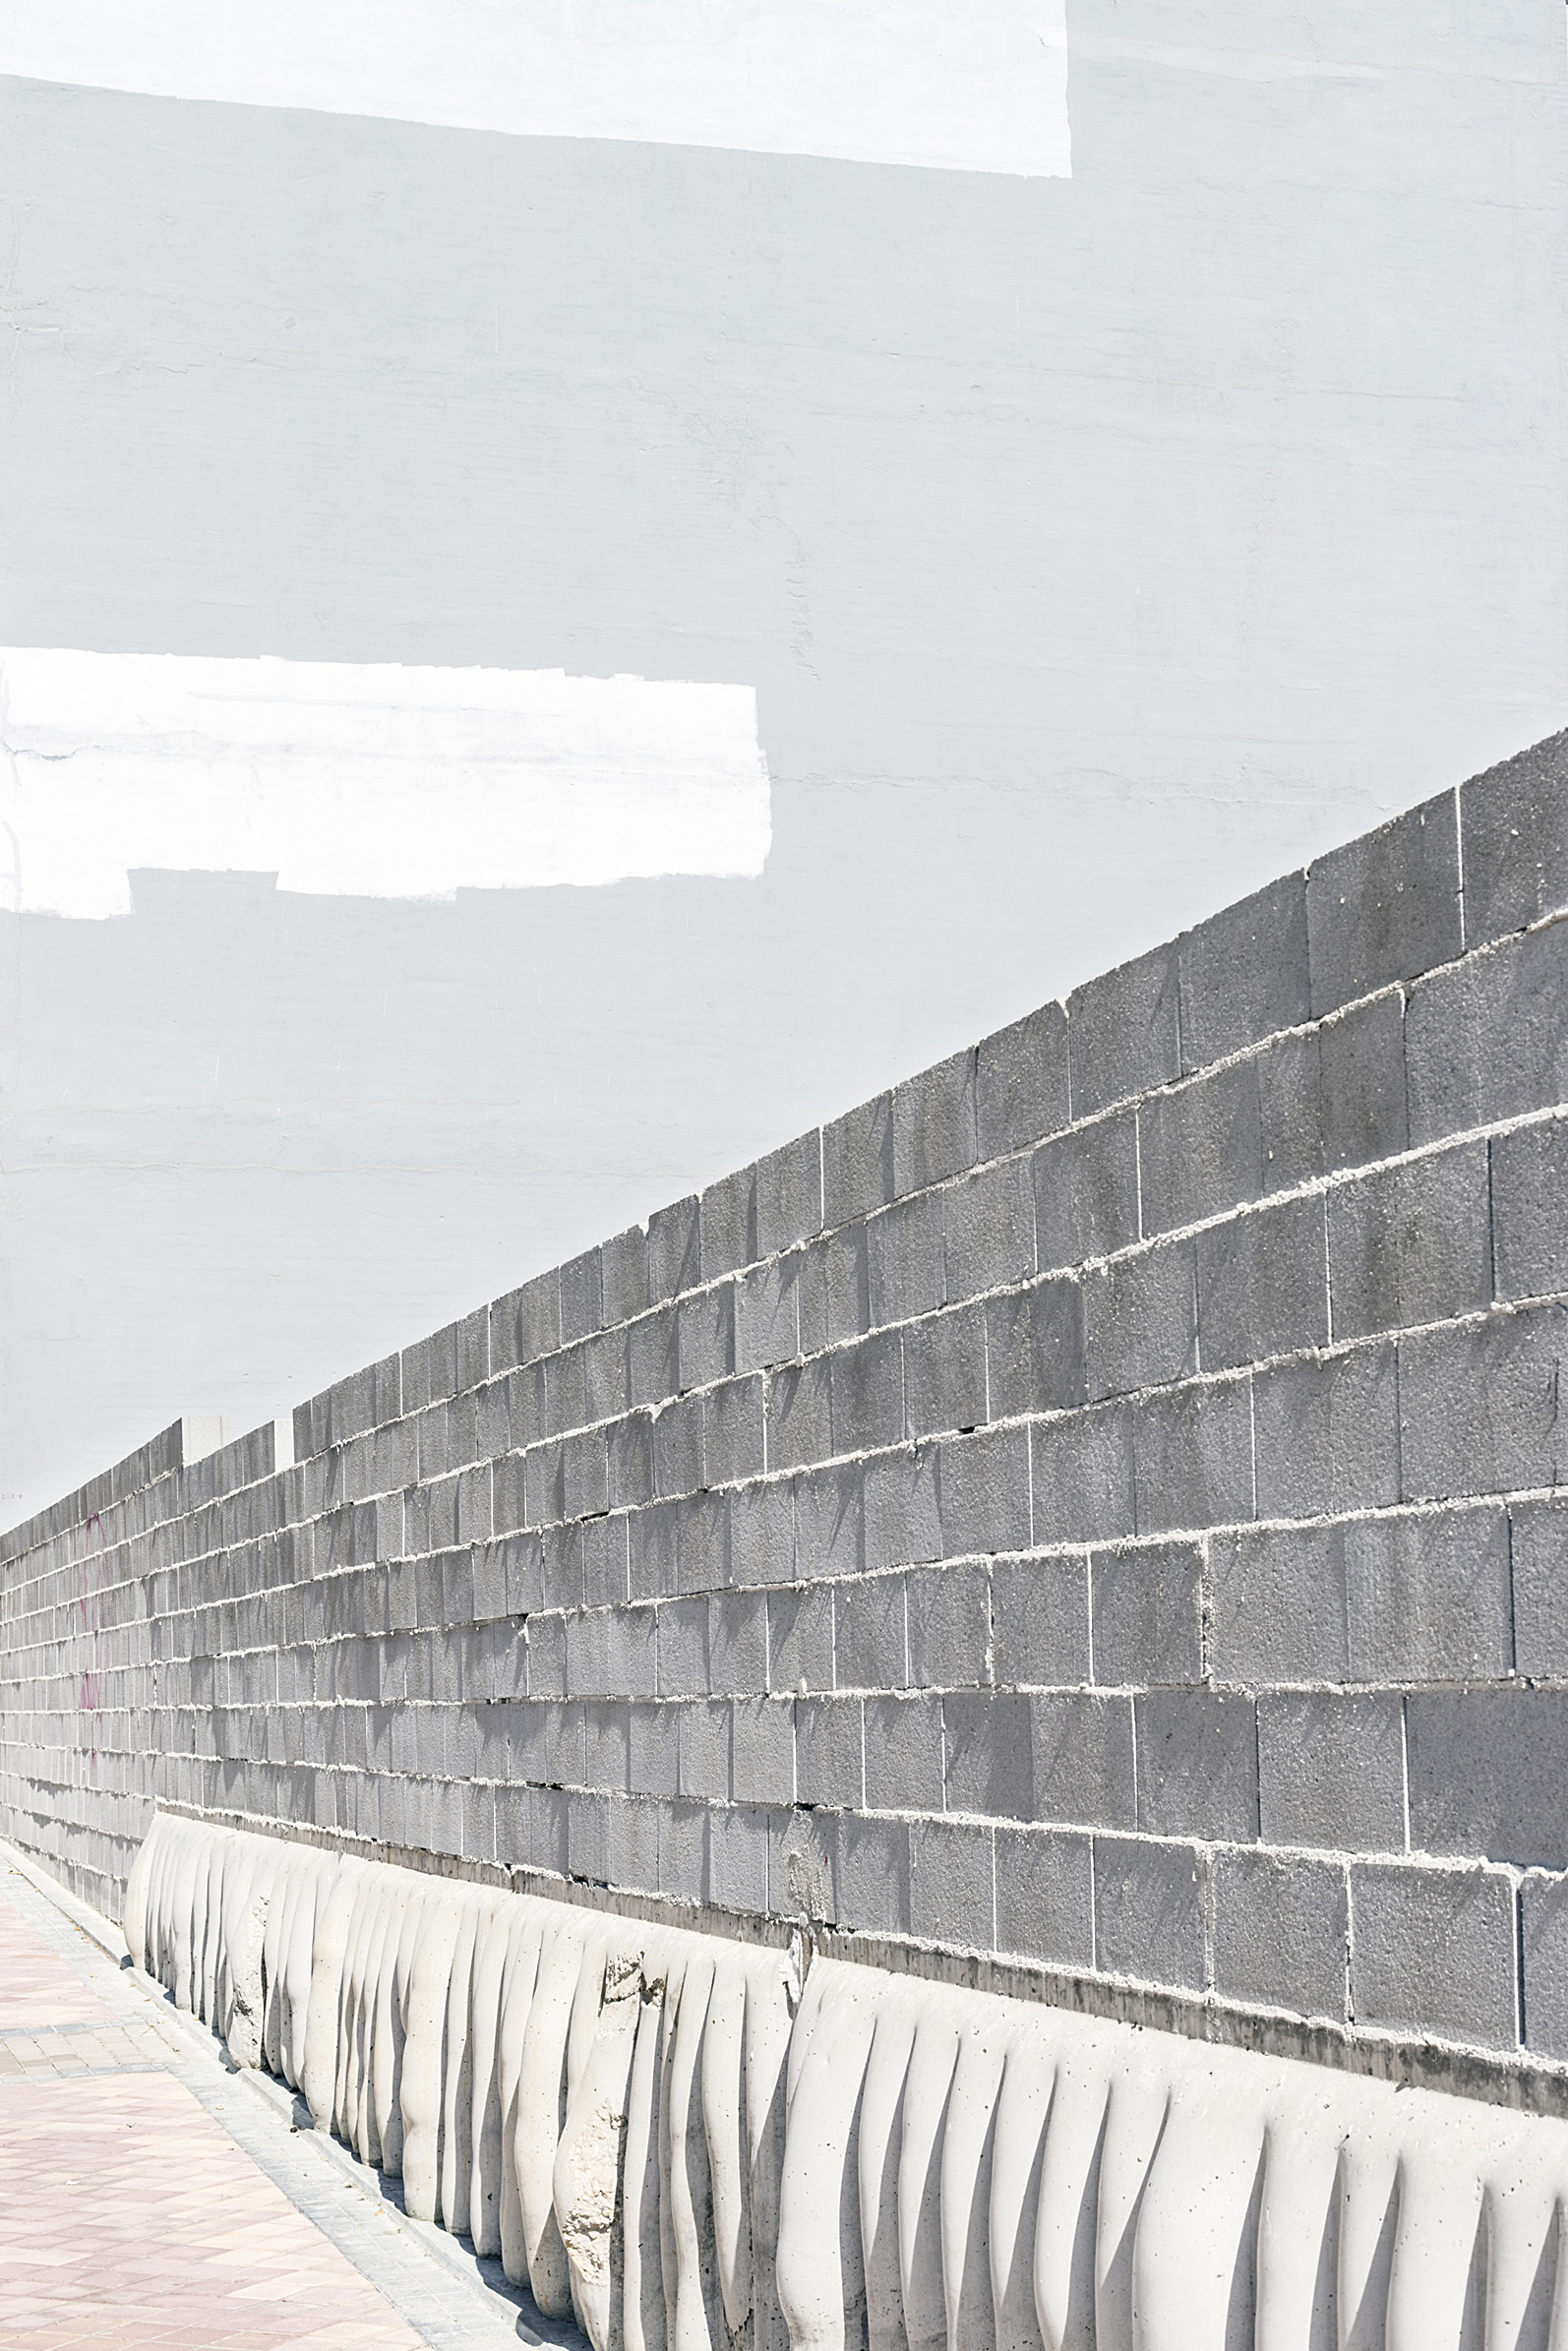 Fábio Cunha, do livro Zona, 2017 AULA ABERTA: FÁBIO CUNHA E MARIANA VELOSO 20 Fev 2018 / 19h30  WORKSHOP: FOTOLIVRO — LIVROFOTO 3 Mar — 13 Mar 2018  Atelier de Lisboa